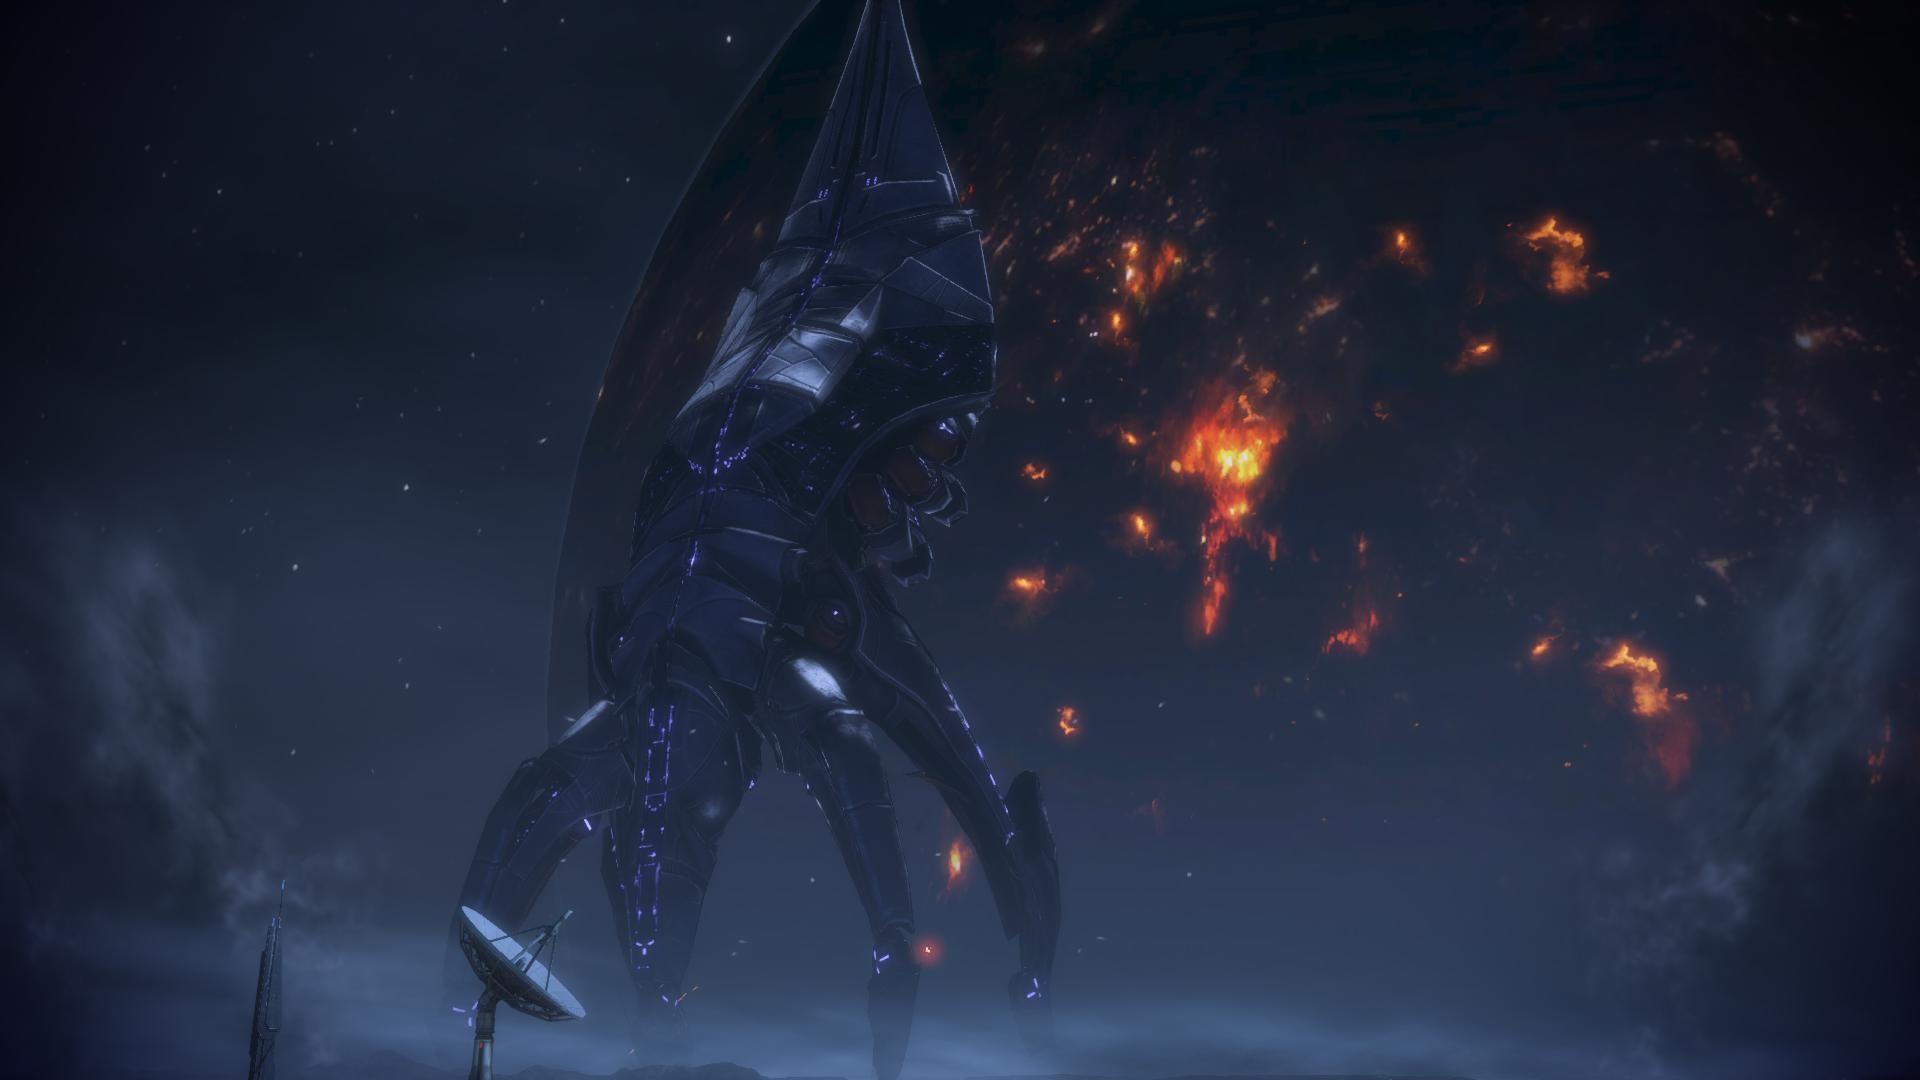 Mass Effect Reaper Wallpapers – Wallpaper Cave